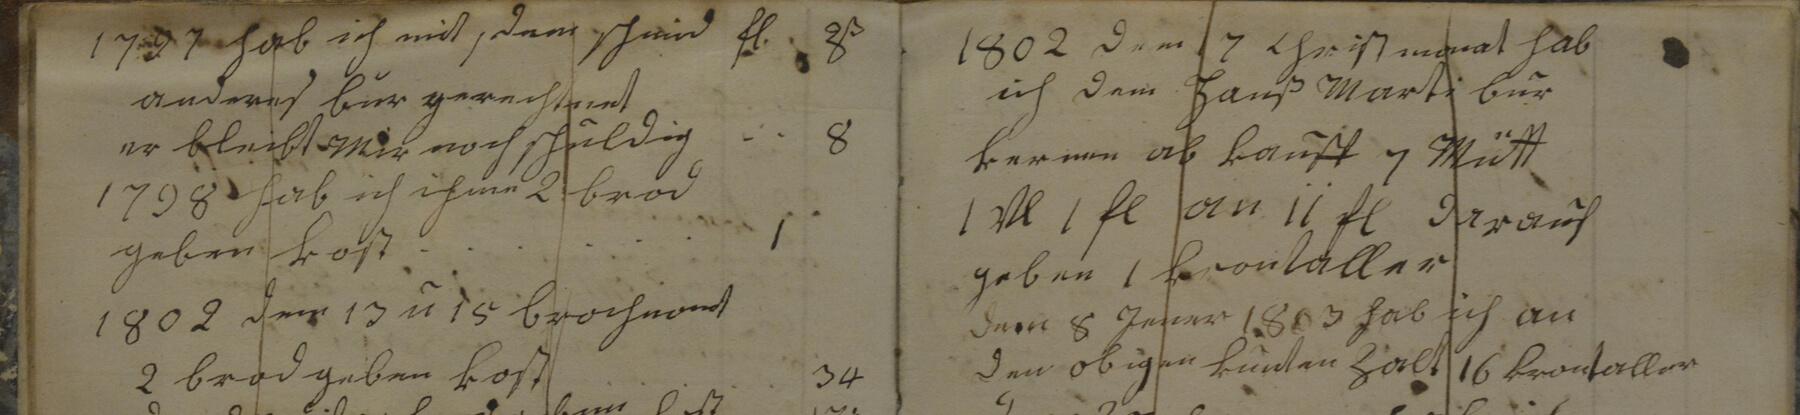 Auszug Rechnungsbuch 18. Jahrhundert